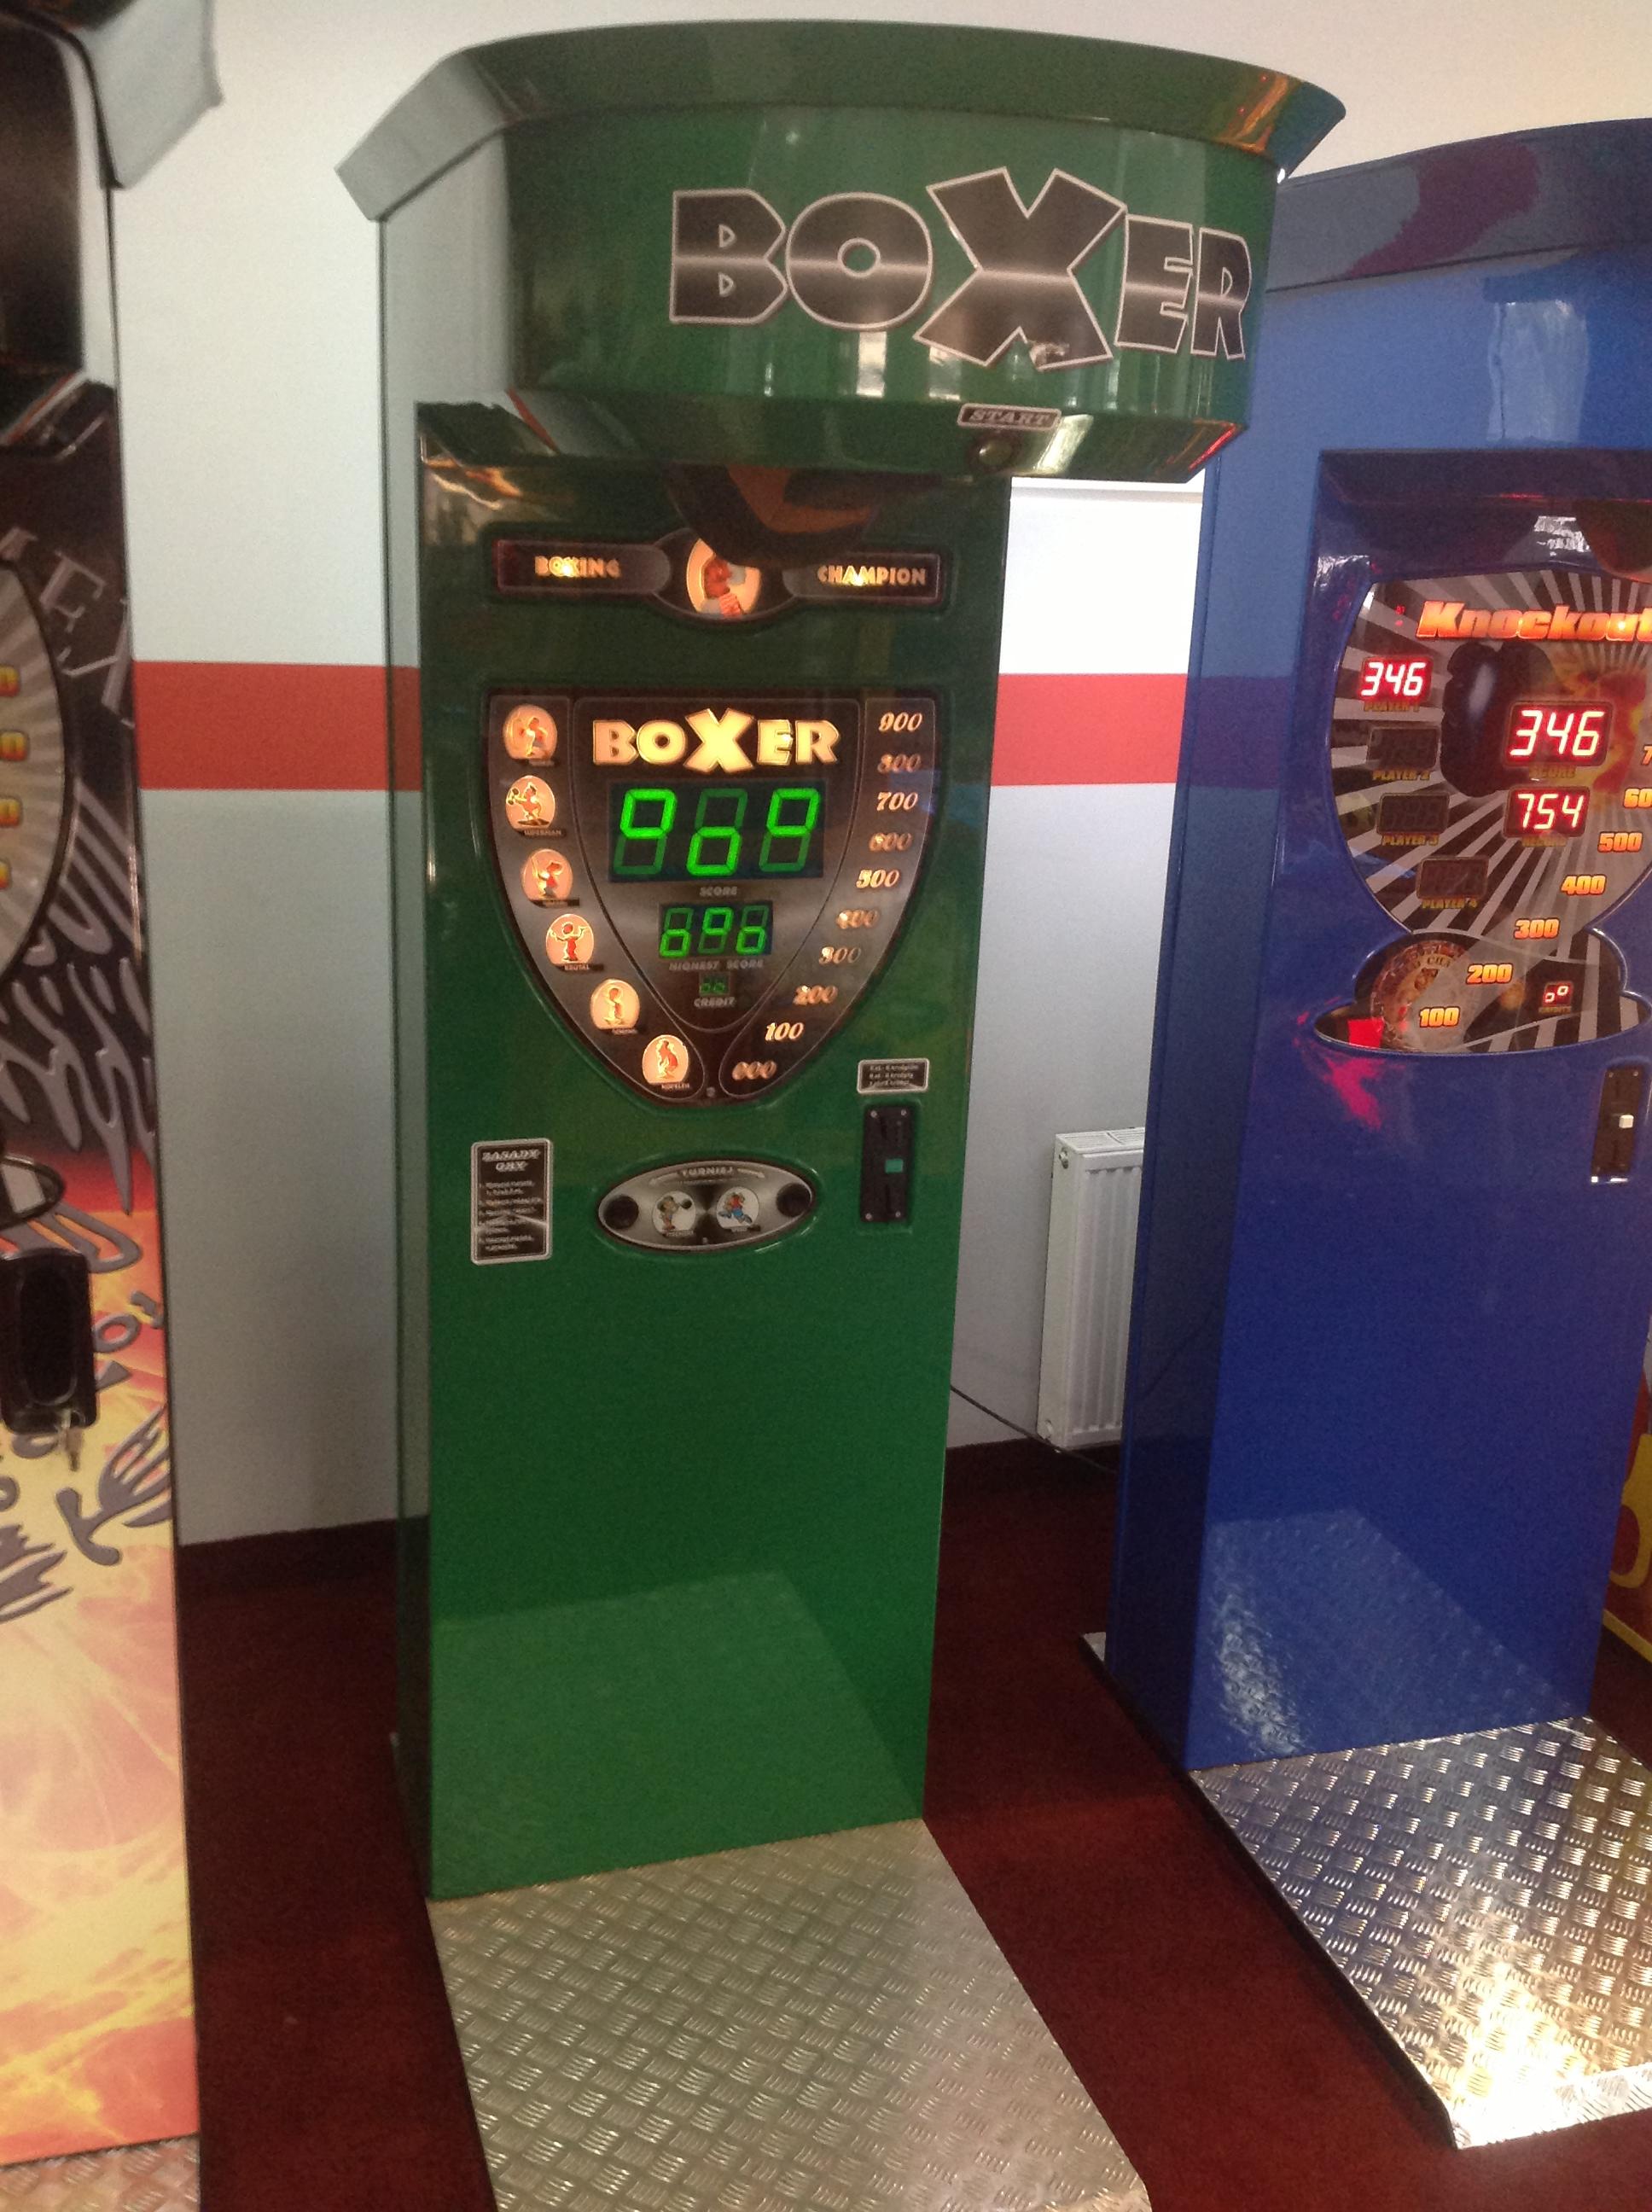 Игровые автоматы купить б у украина inurl forum user - html казино онлайн играть бесплатно